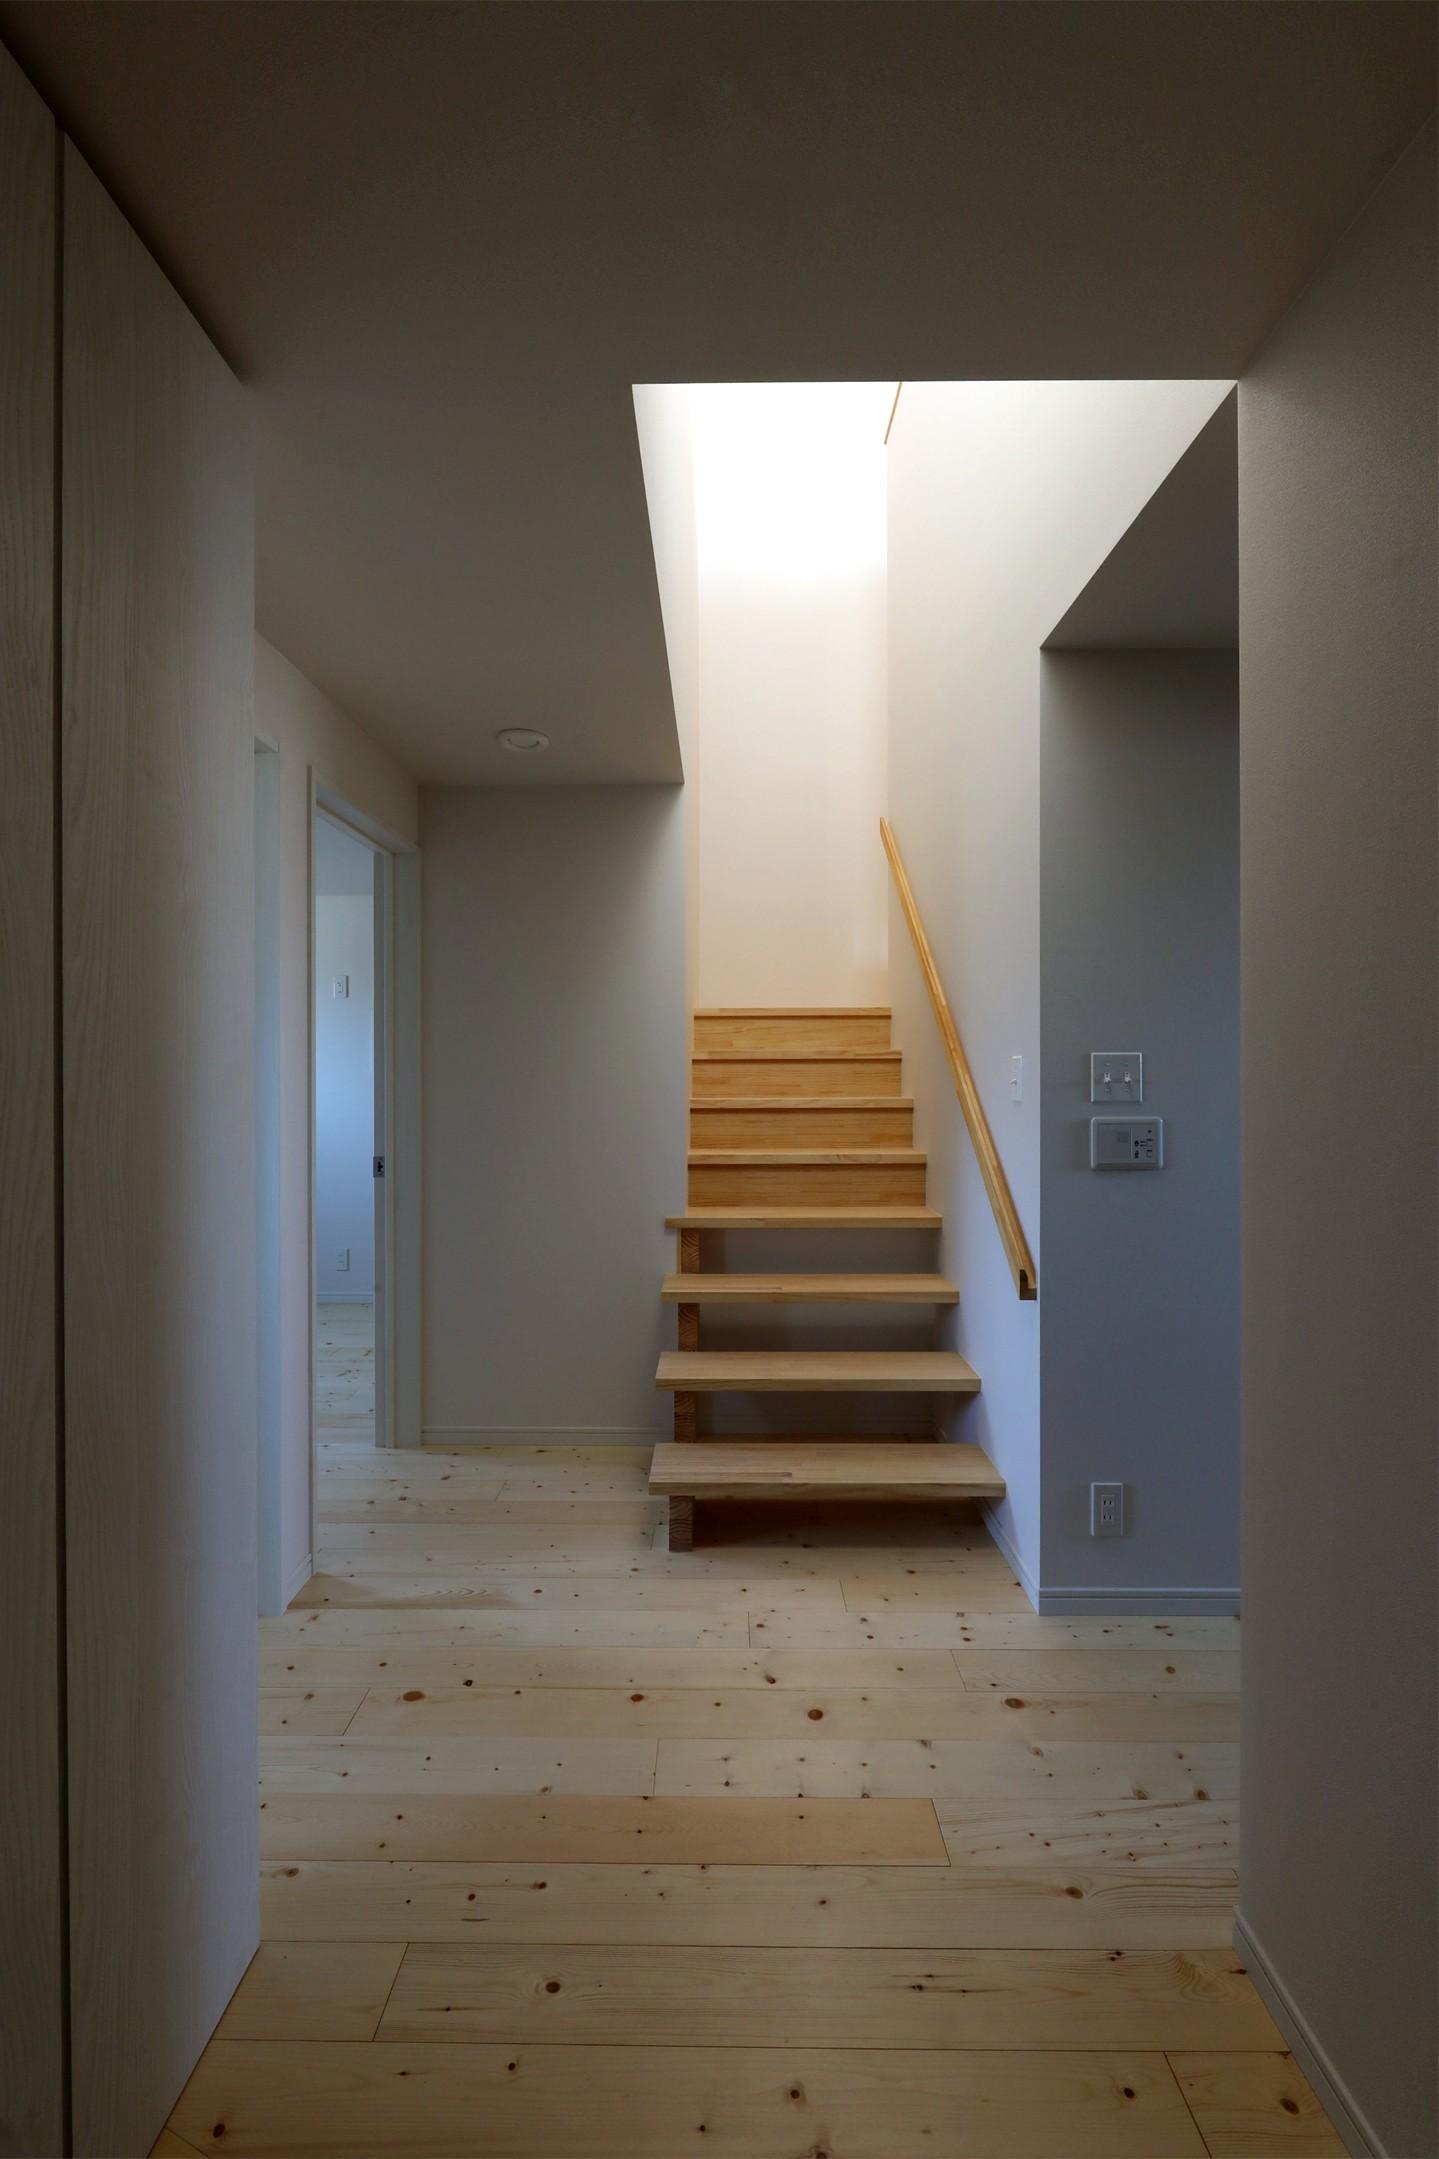 その他事例:階段(絵画のように窓を眺める家。夏に花火を見るため大きな窓をつけました。)